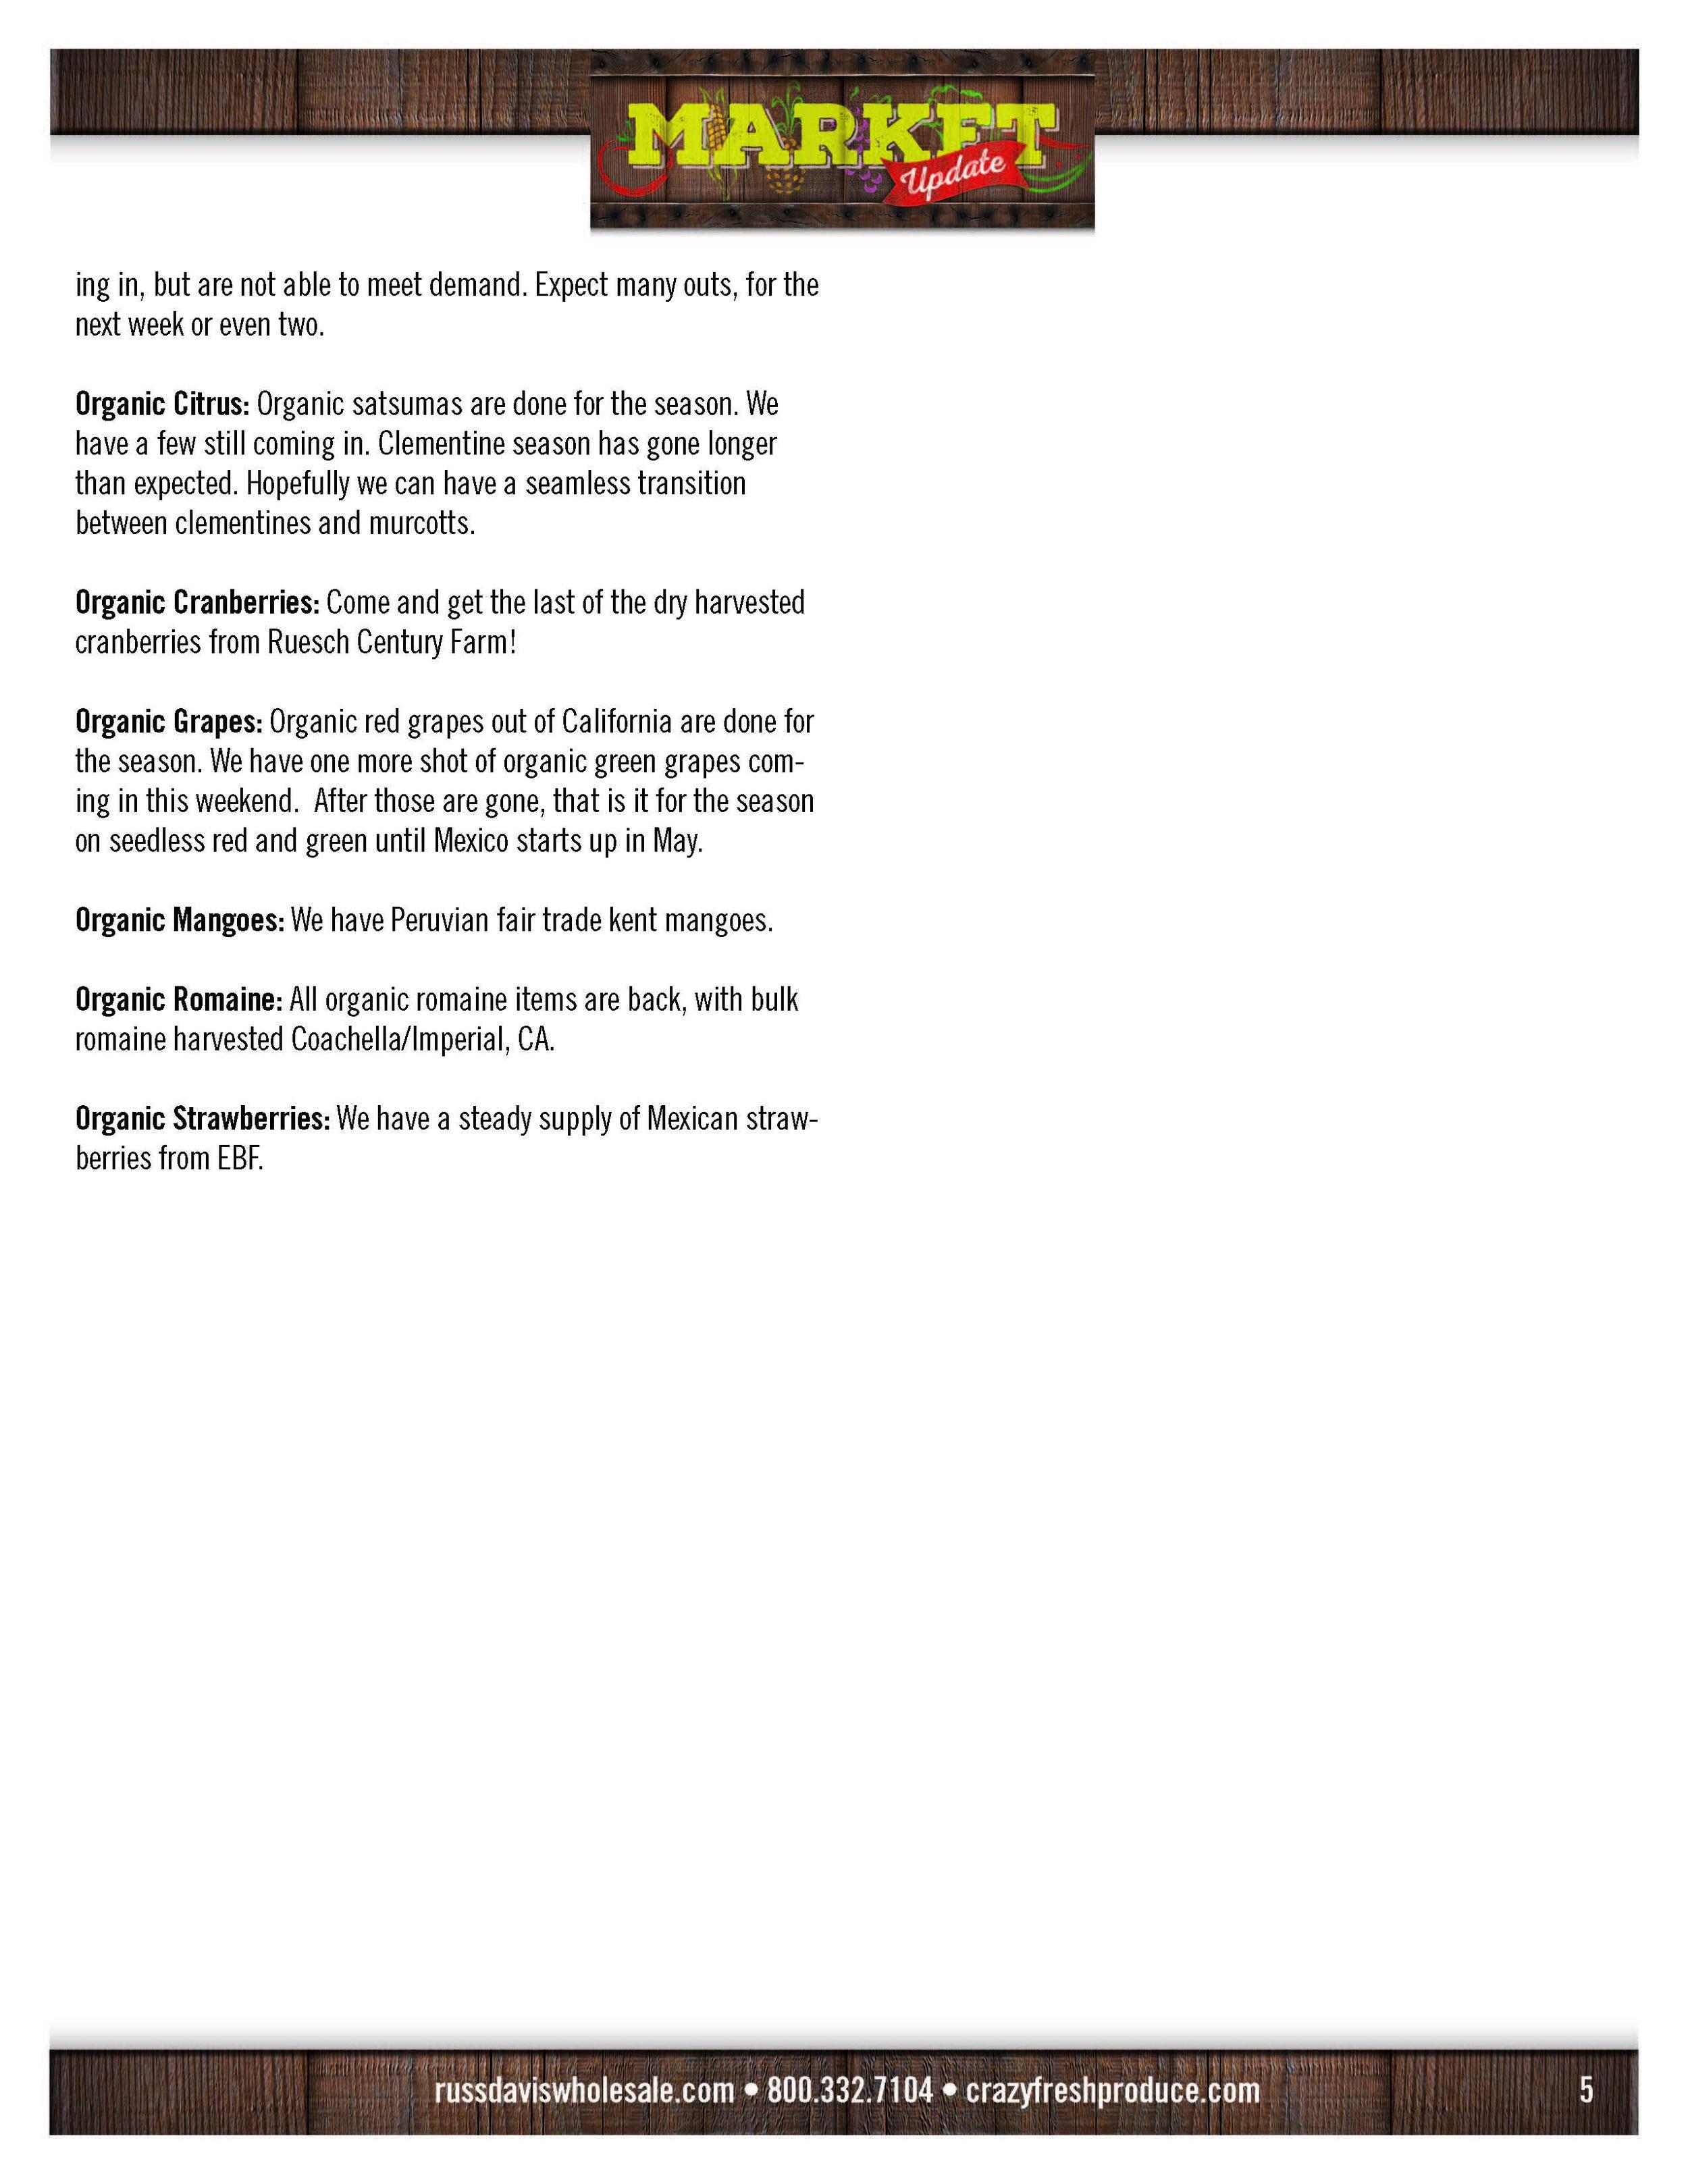 RDW_Market_Update_Jan9_19_Page_5.jpg